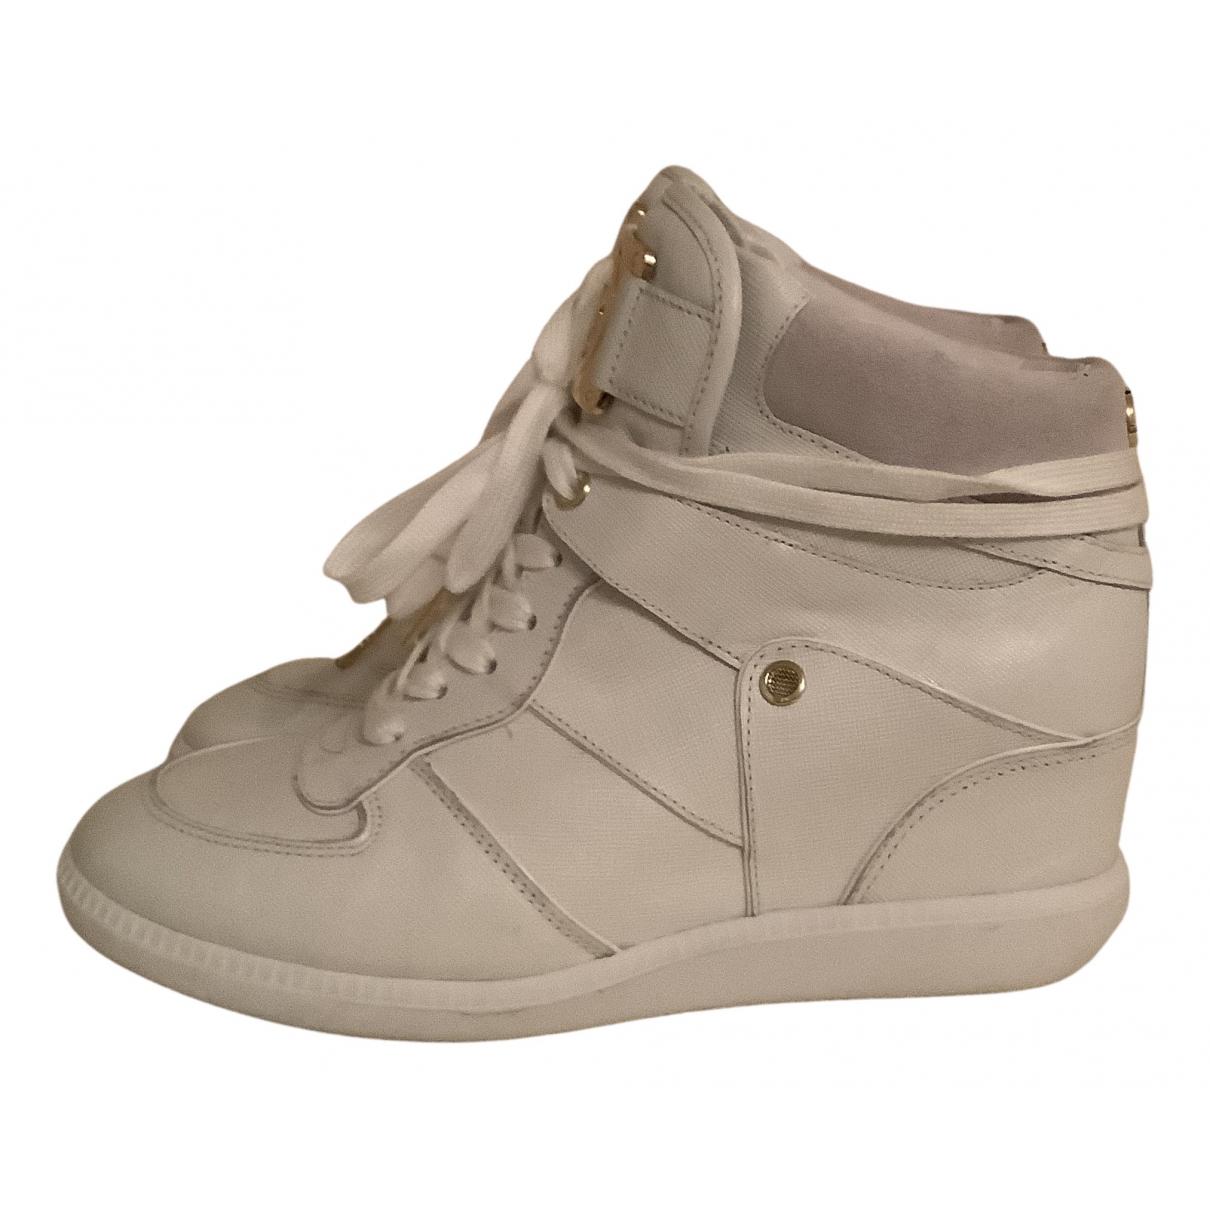 Michael Kors - Baskets   pour femme en cuir - blanc